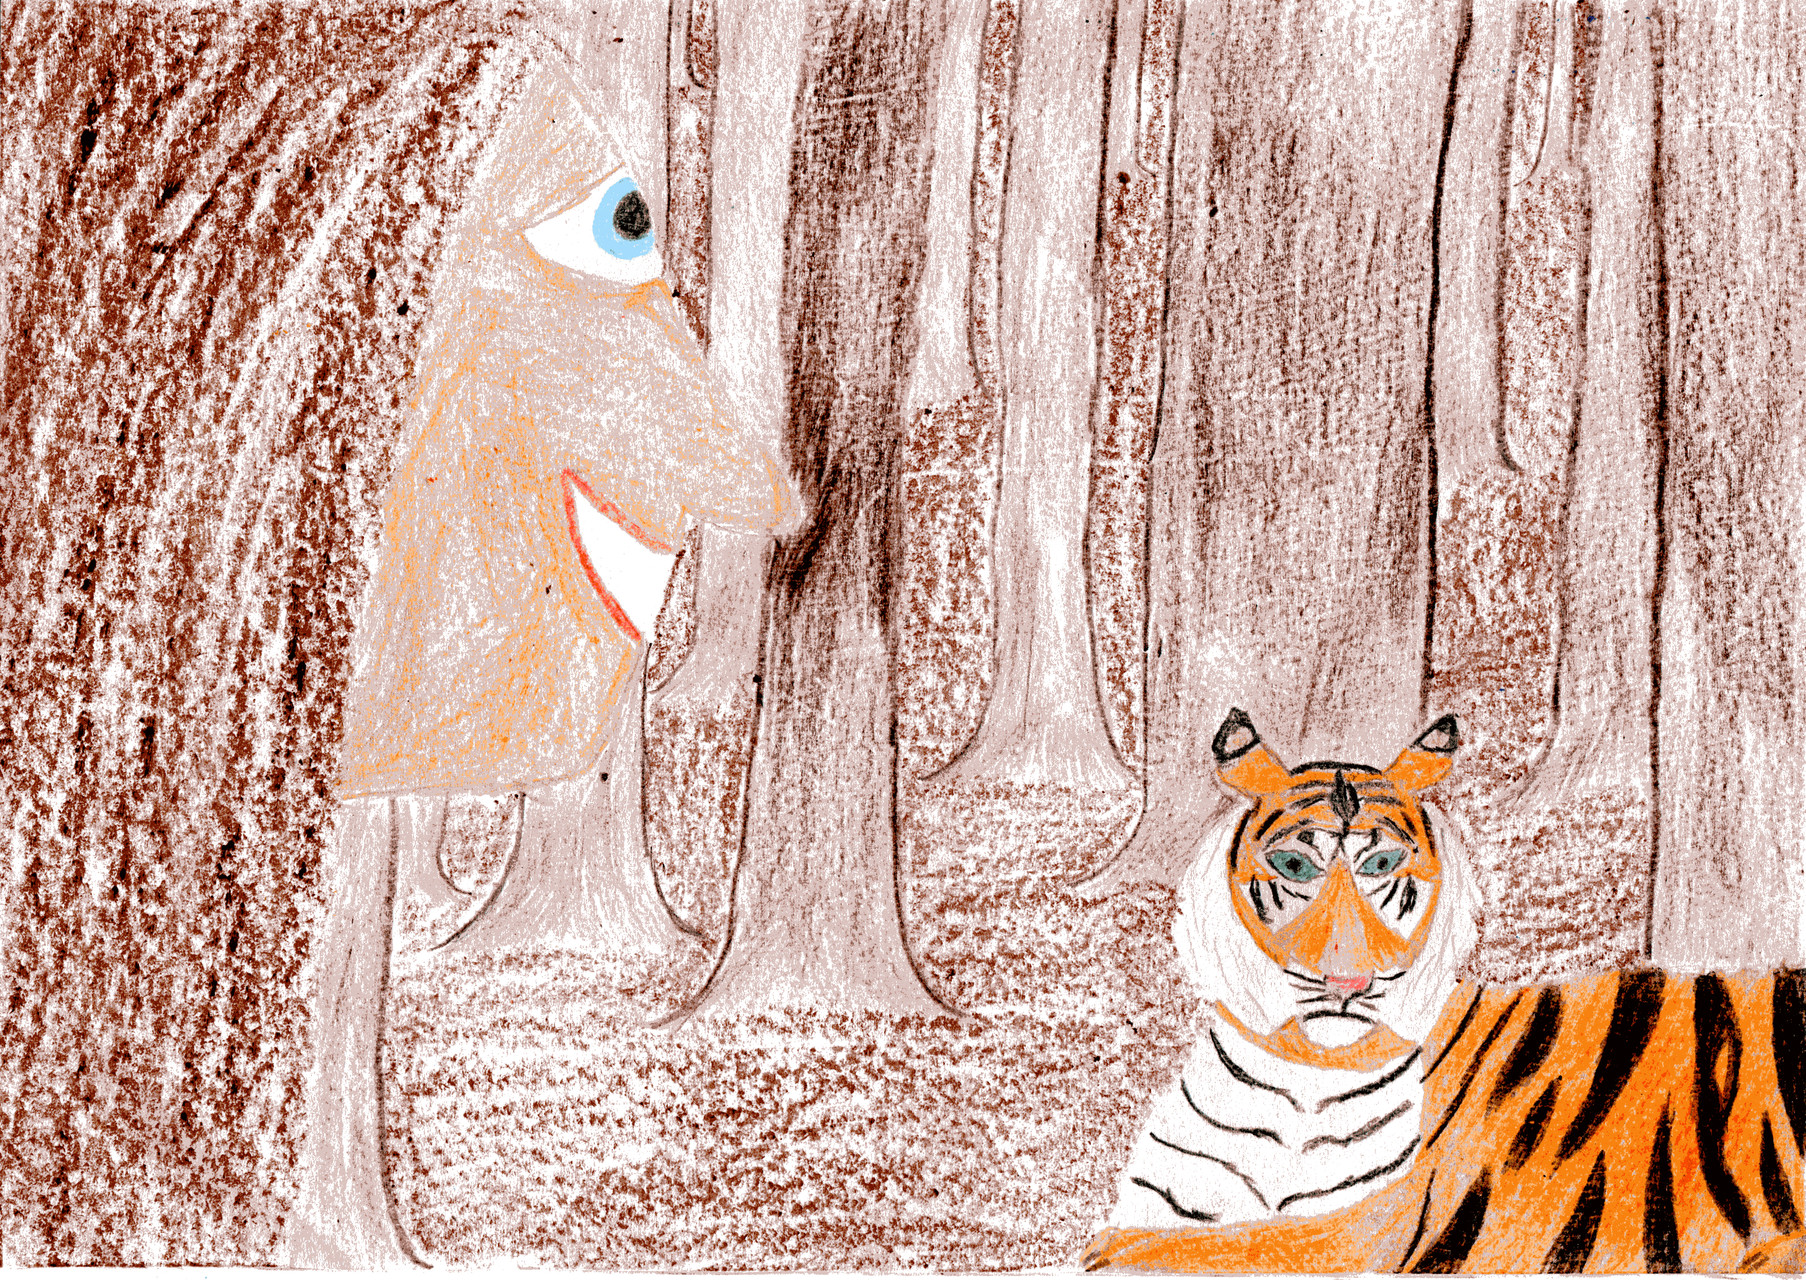 Dorothea spricht mit dem Tiger